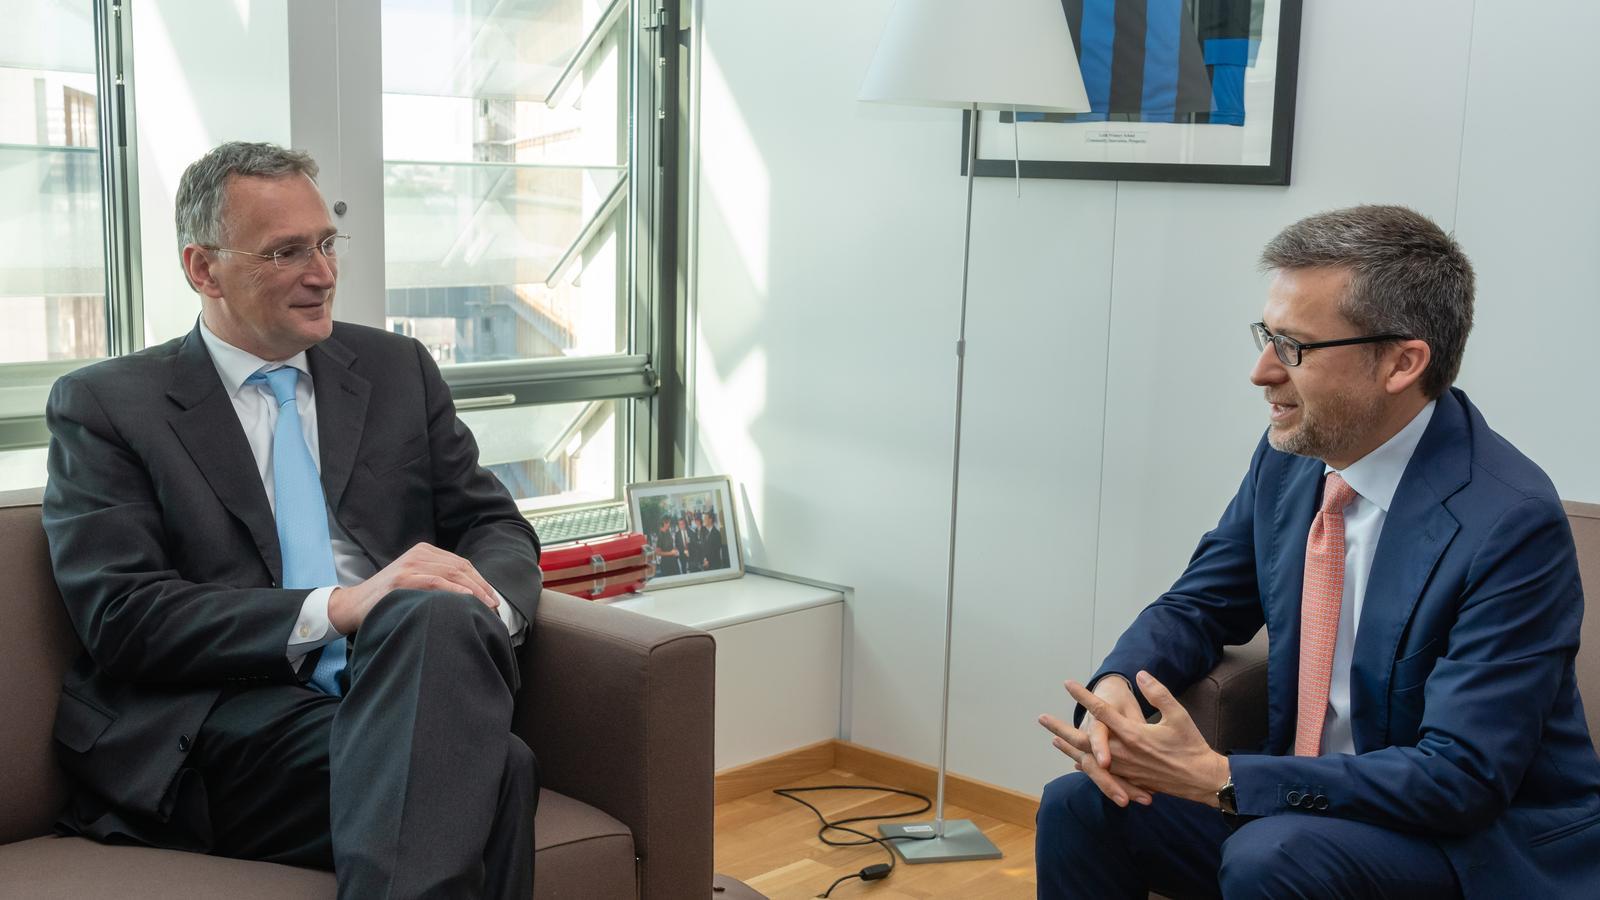 Mauro Ferrari, ex director del Centre Europeu de Recerca, amb l'excomissari de recerca, Carlos Moedas